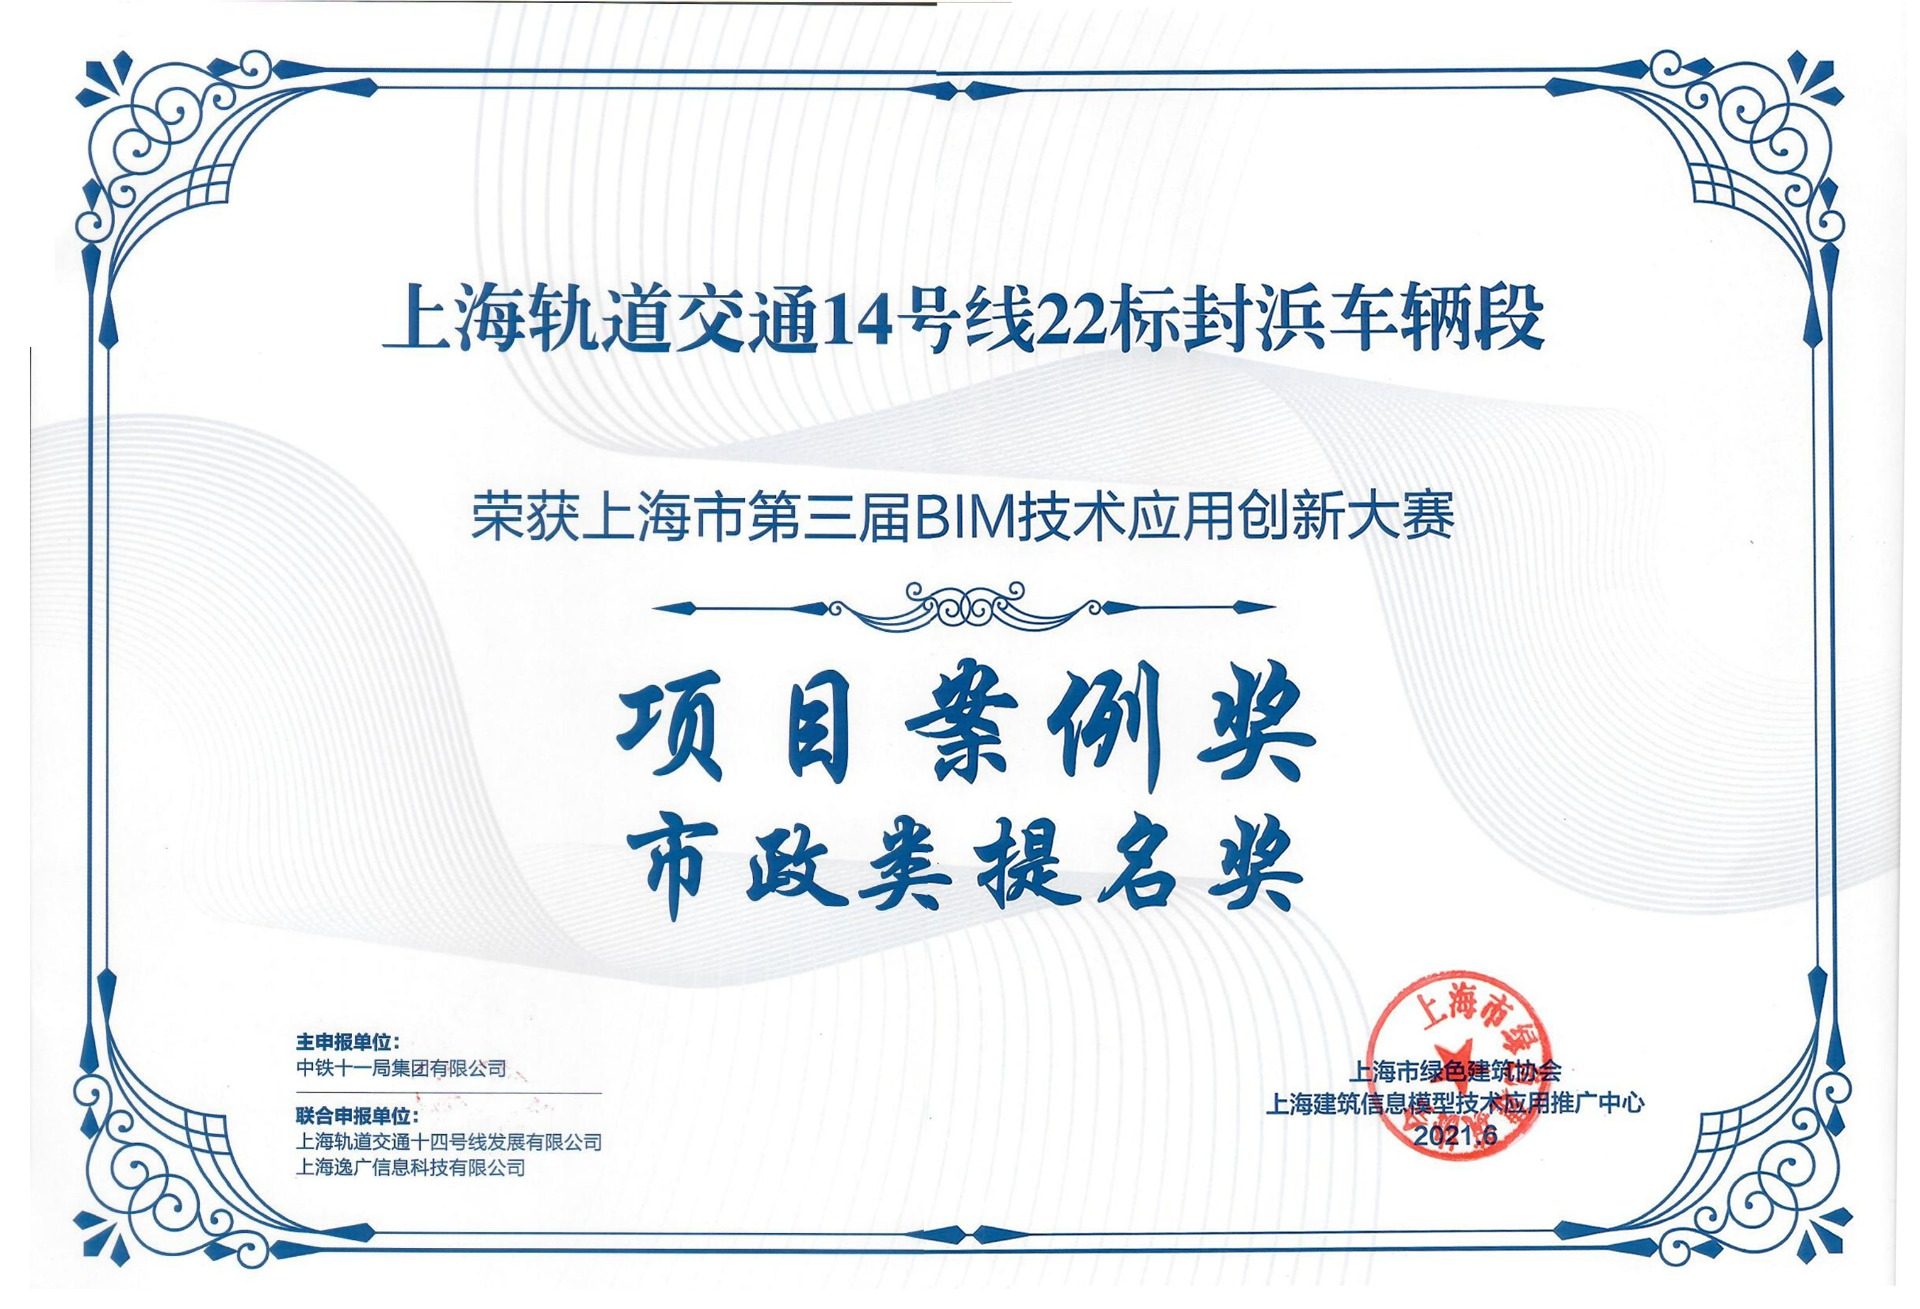 上海市第三届BIM技术应用创新大赛市政类提名奖